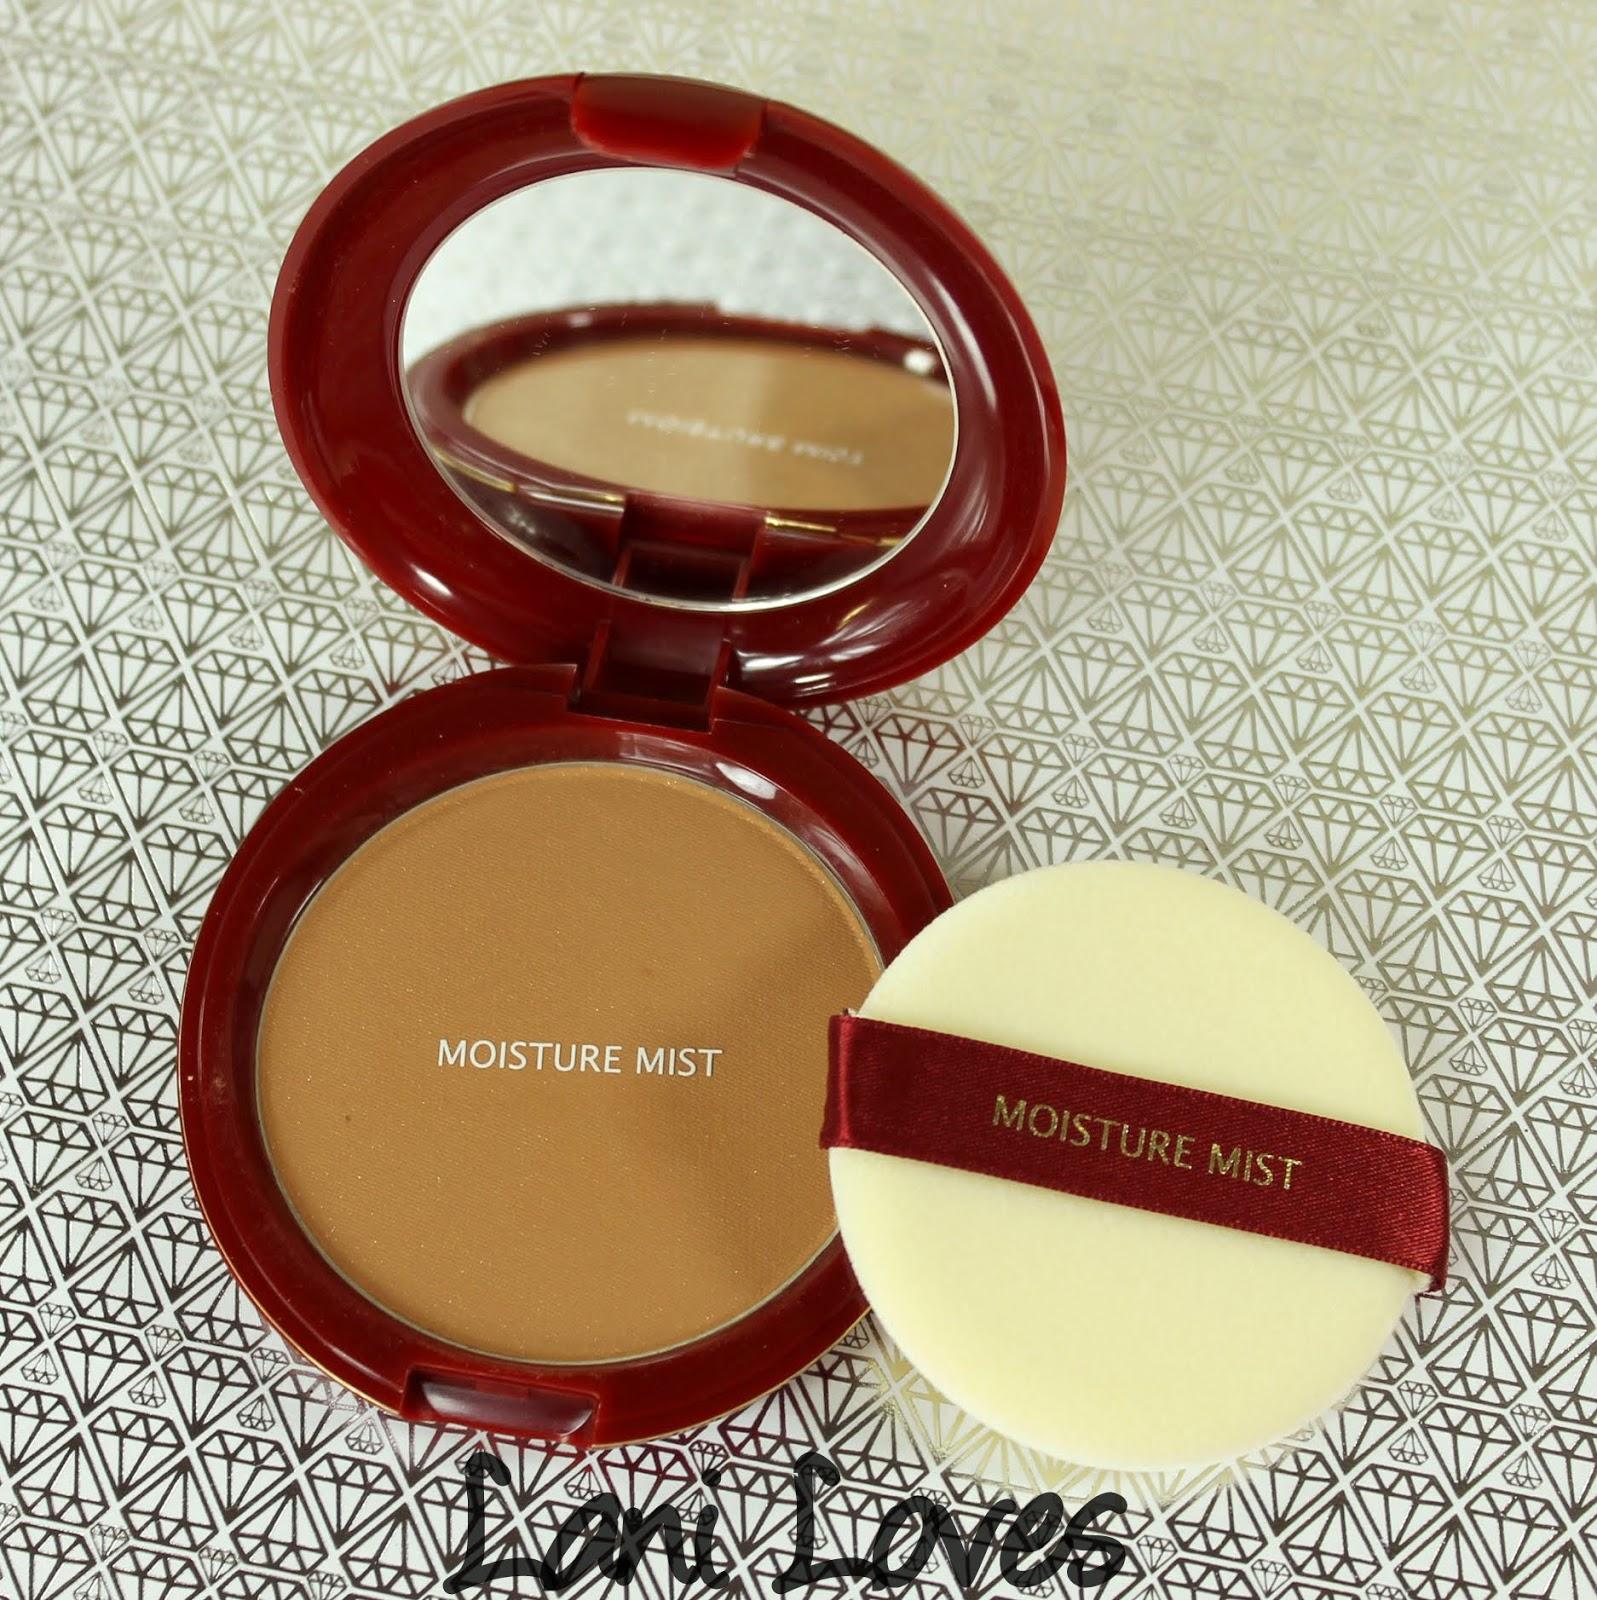 Moisture Mist Translucent Pressed Powder - Bronze Swatches & Review